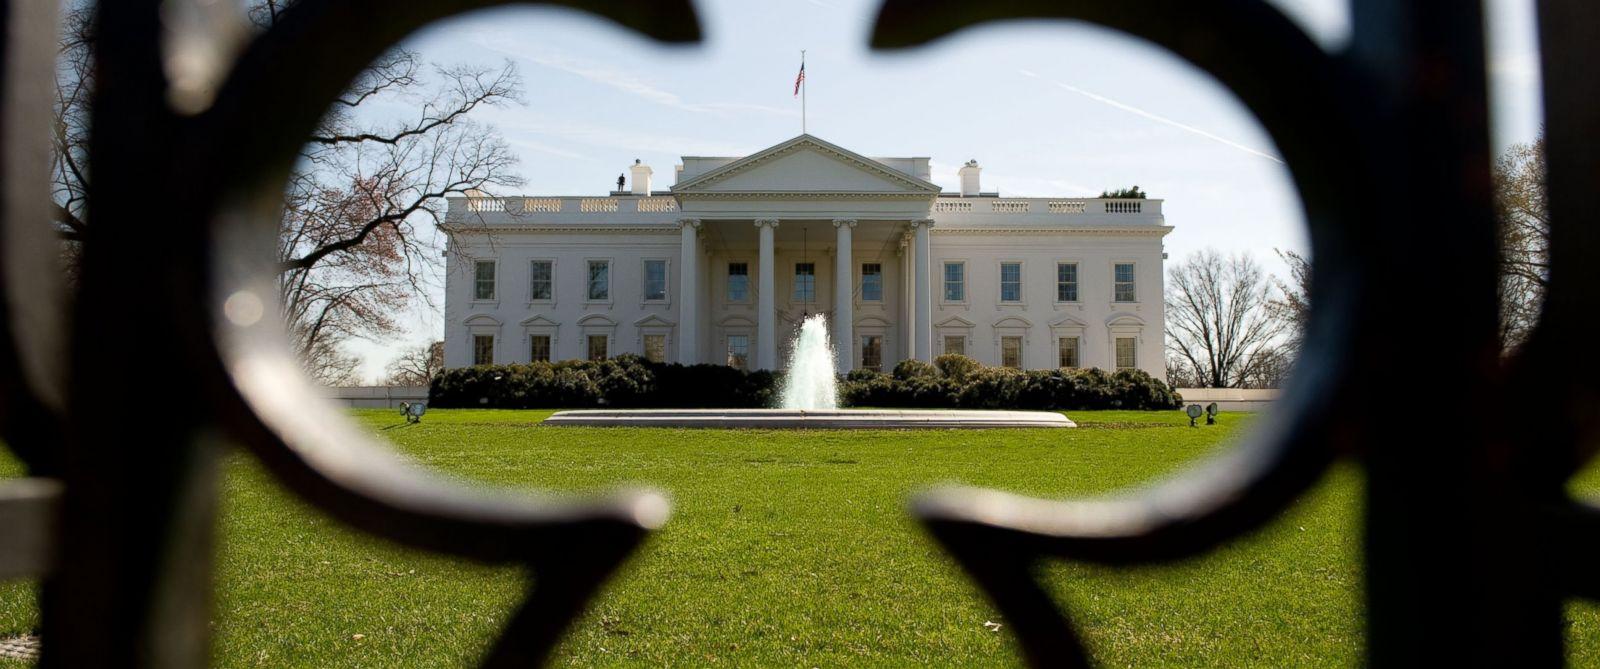 Учешће САД у преговорима у Астани показује тежњу да се сарађује са Русијом